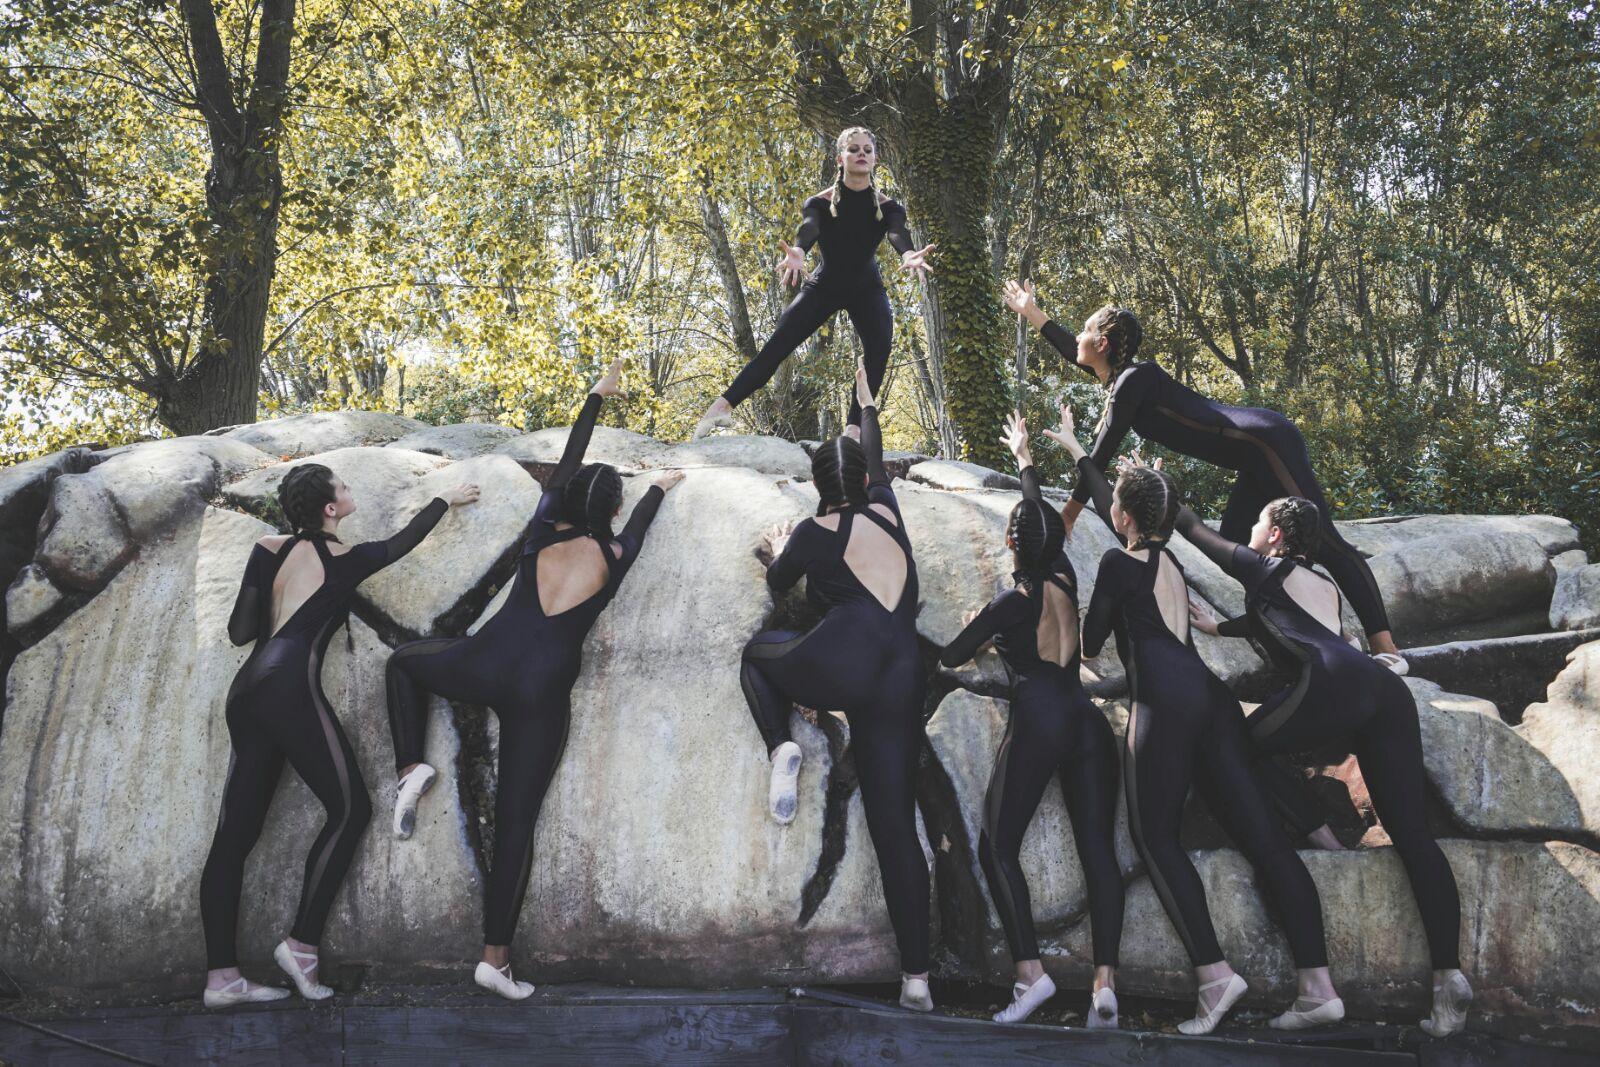 Un luglio ricco di appuntamenti per il centro studi danza Le Muse